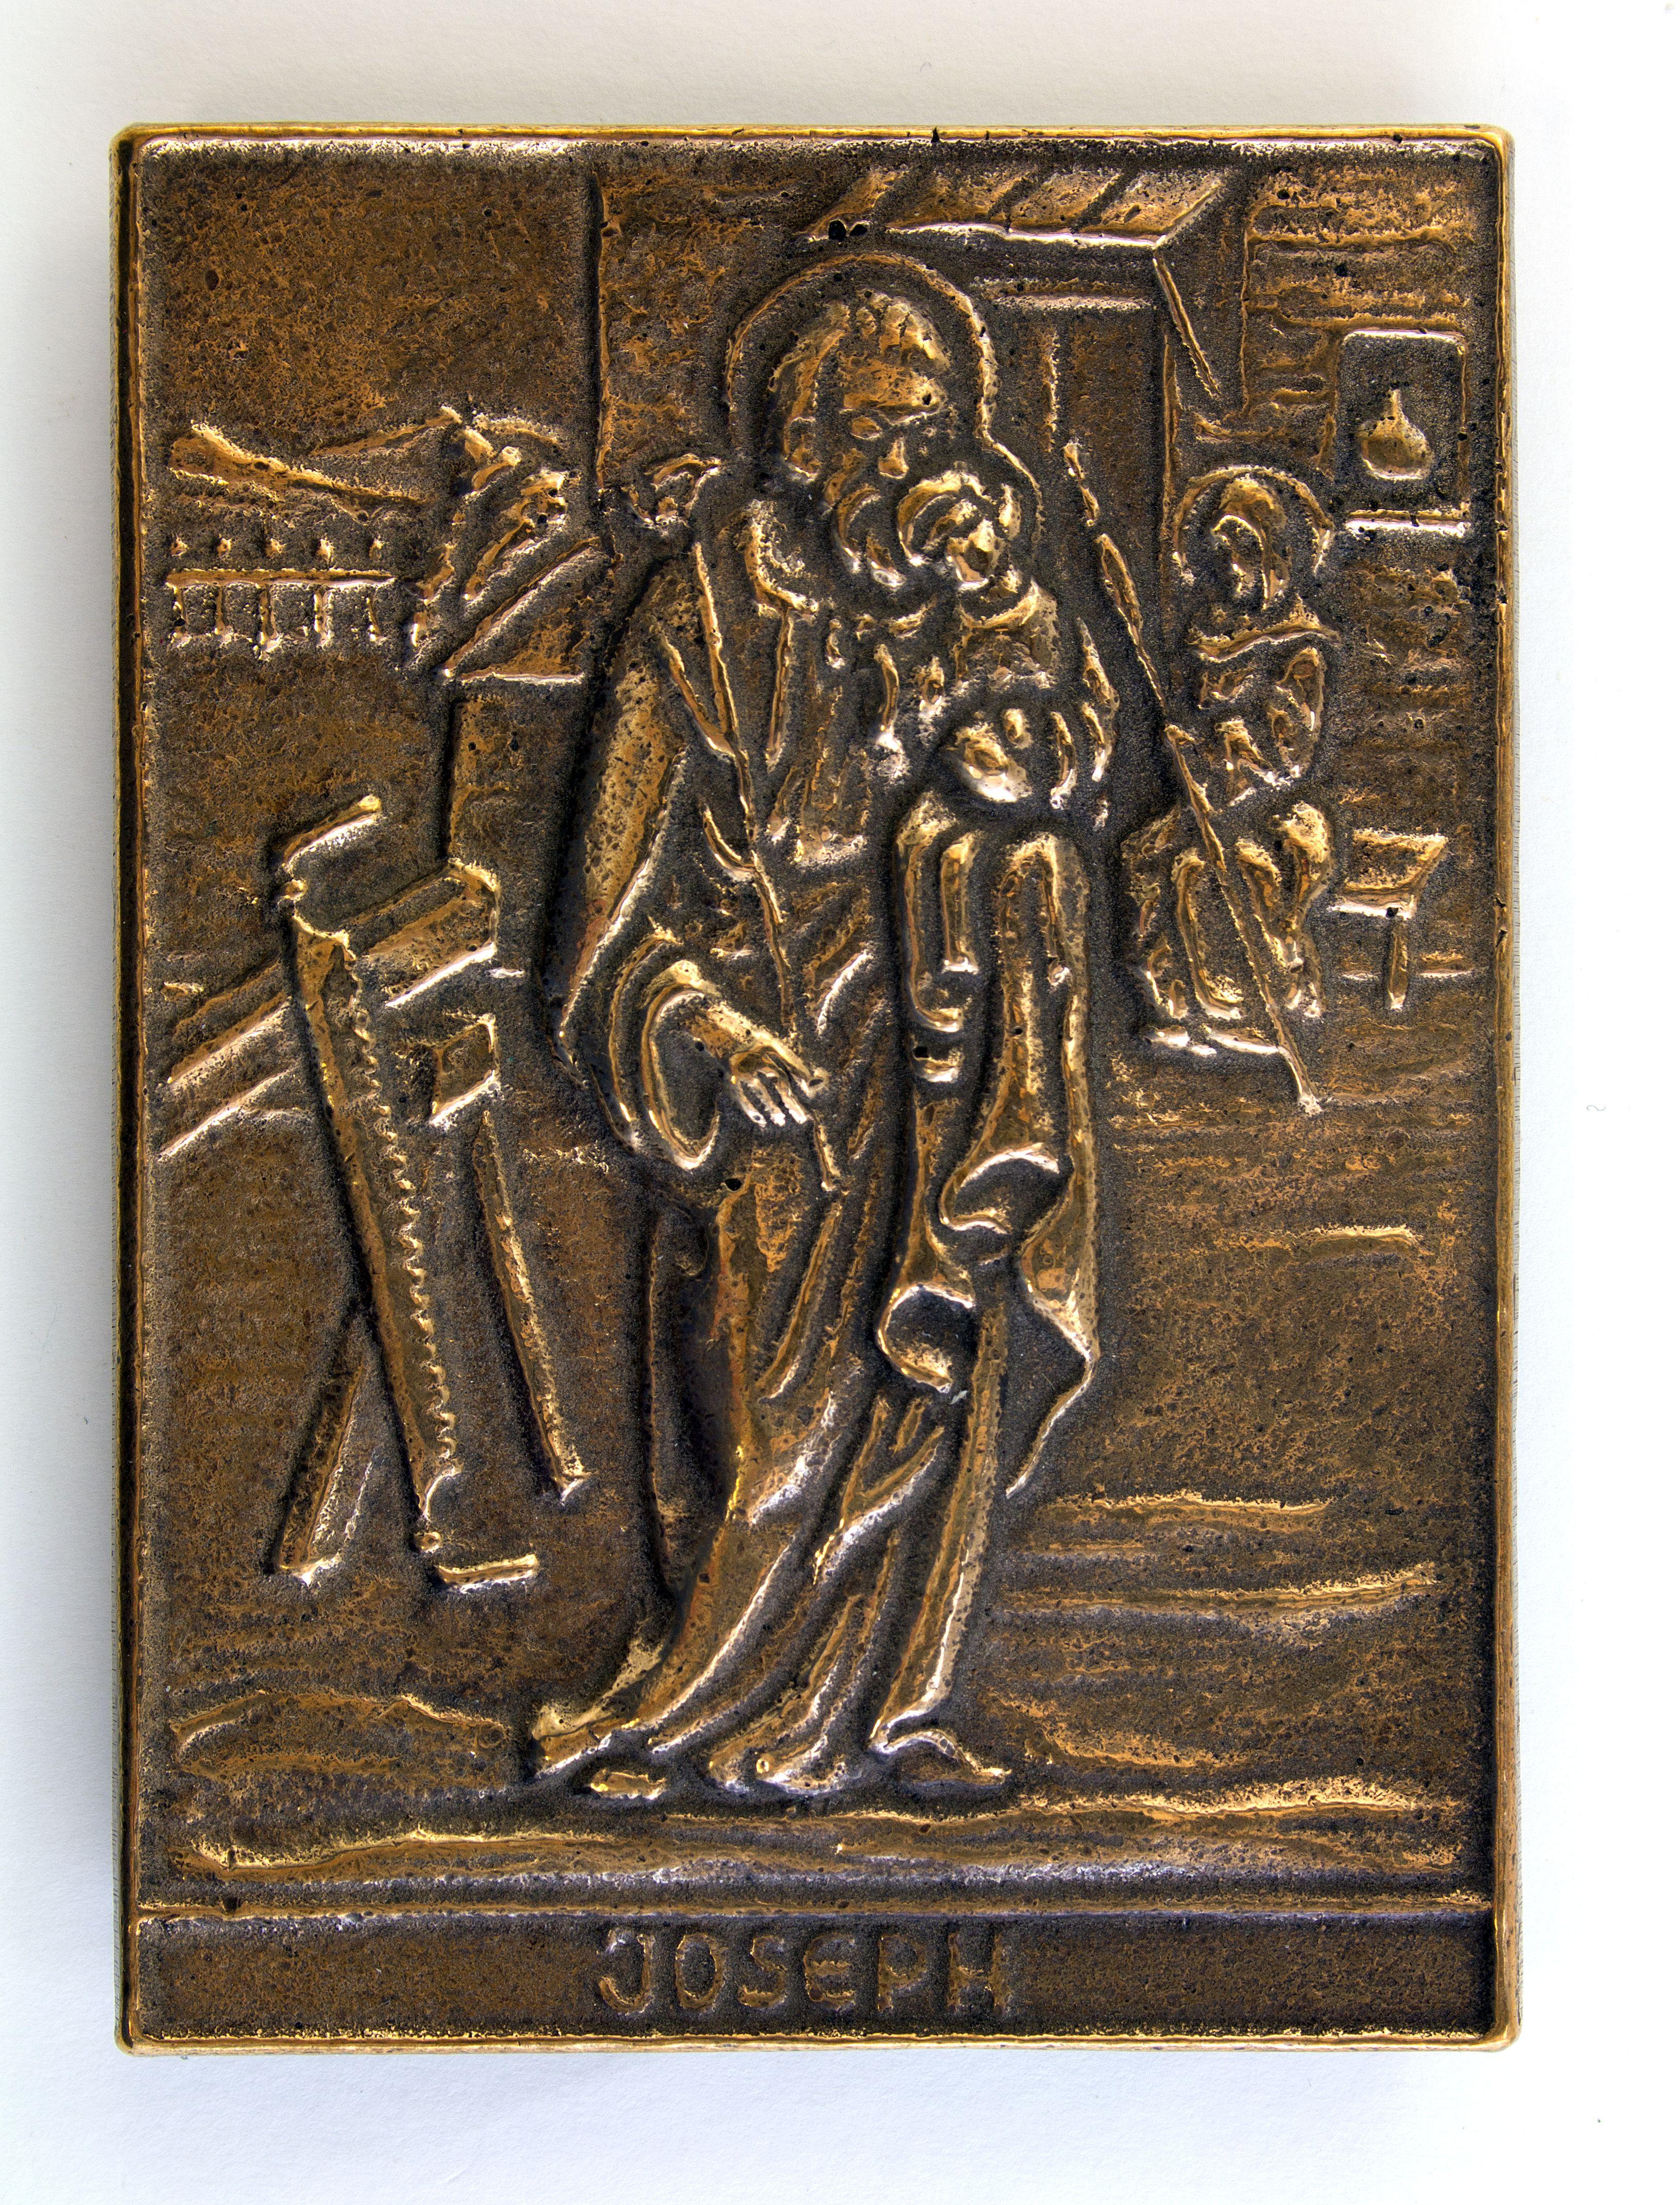 Een bronzen plaquette met daarop een afbeelding van de heilige familie. Afmetingen 8,5 * 6 Cm. Prijs € 16,00